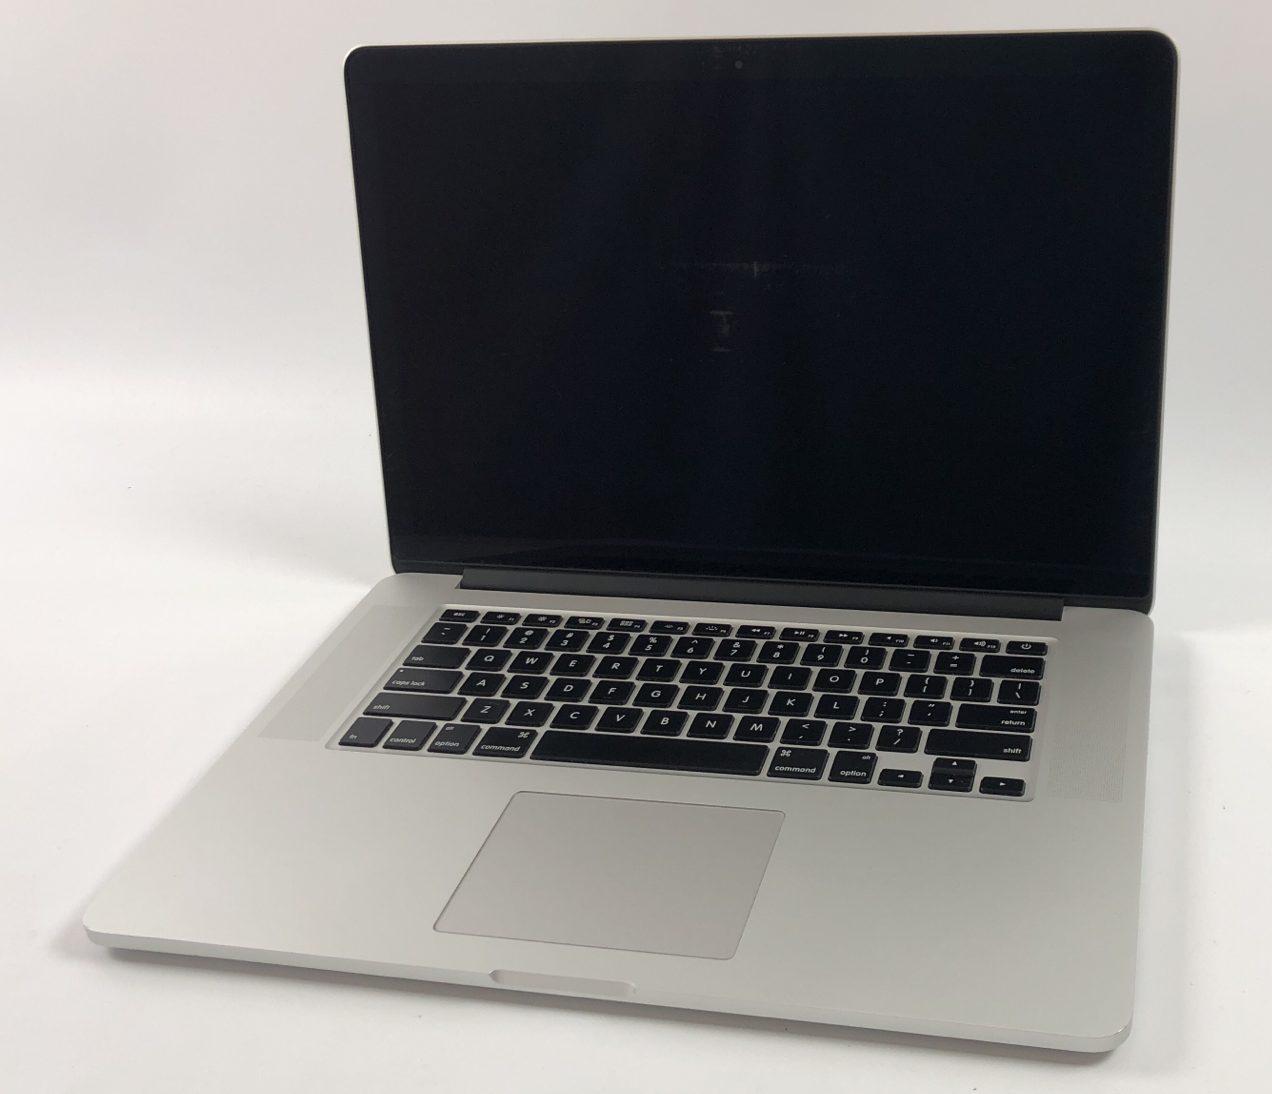 """MacBook Pro Retina 15"""" Mid 2015 (Intel Quad-Core i7 2.2 GHz 16 GB RAM 256 GB SSD), Intel Quad-Core i7 2.2 GHz, 16 GB RAM, 256 GB SSD, image 1"""